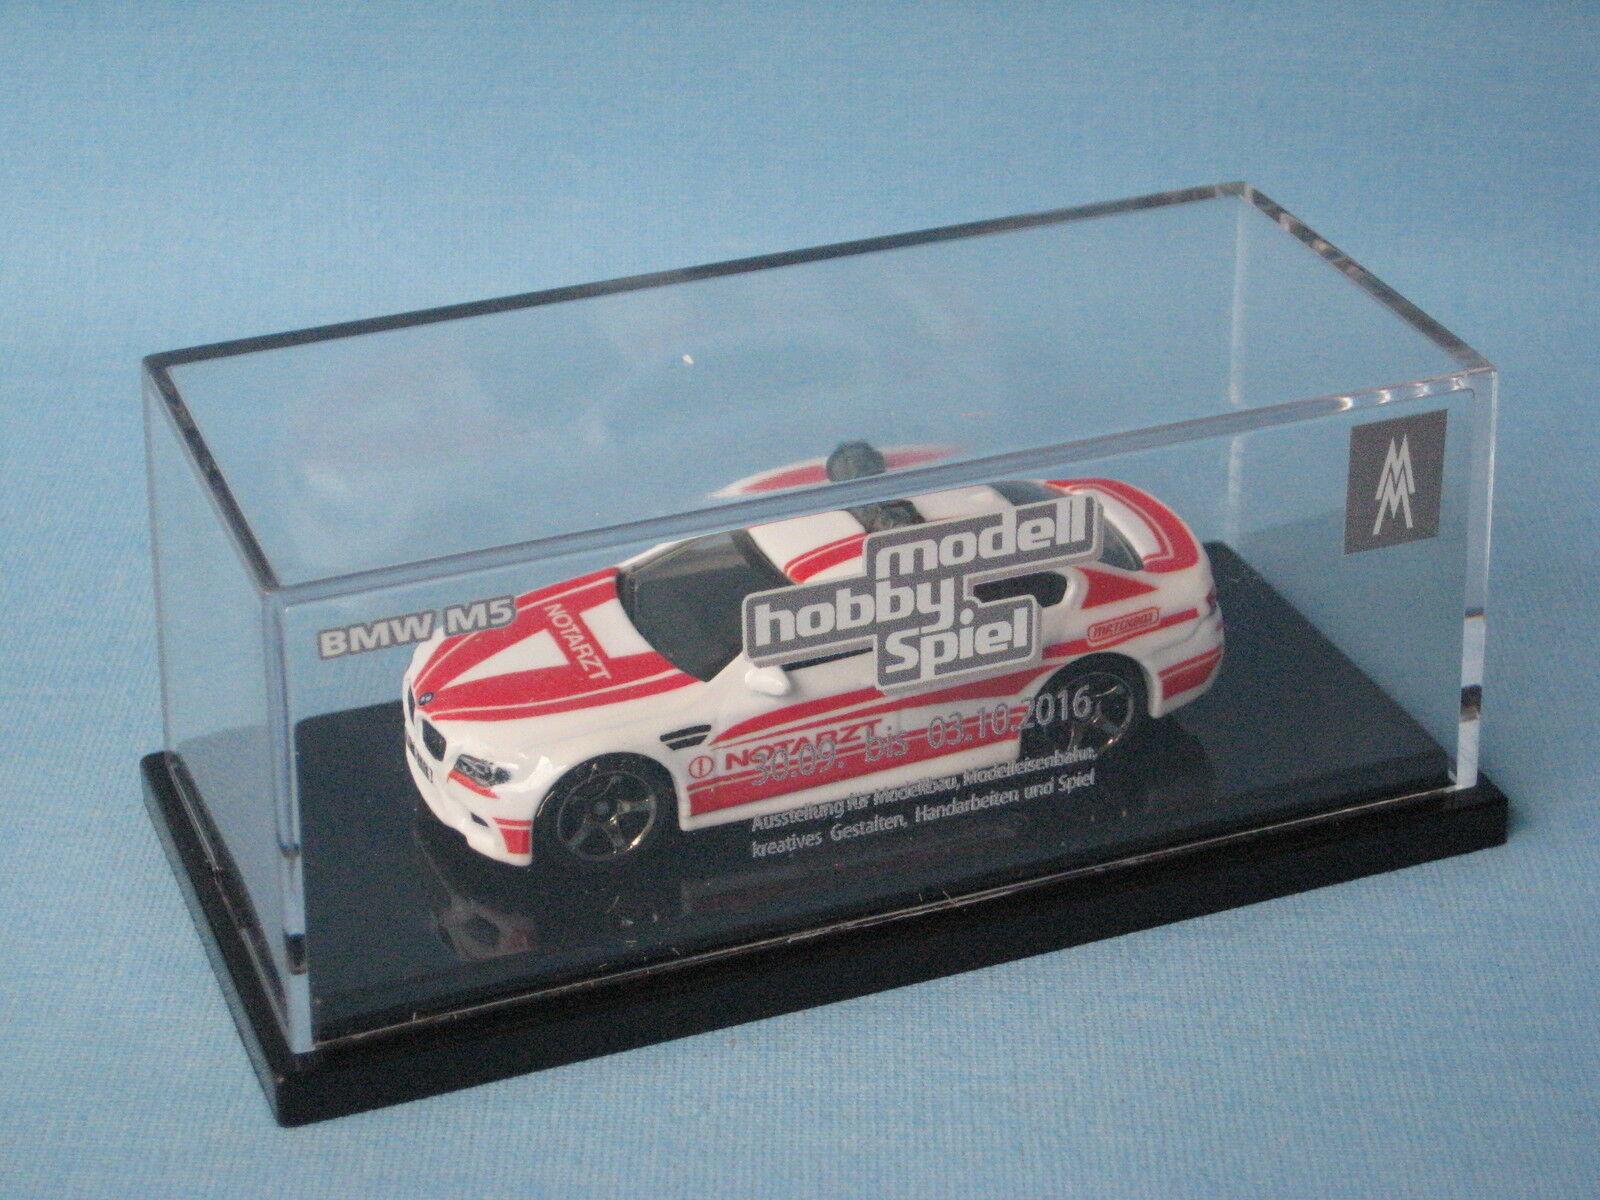 Matchbox bmw série 5 NOTARZT médecin leipzig rare edition jouet voiture modèle rare